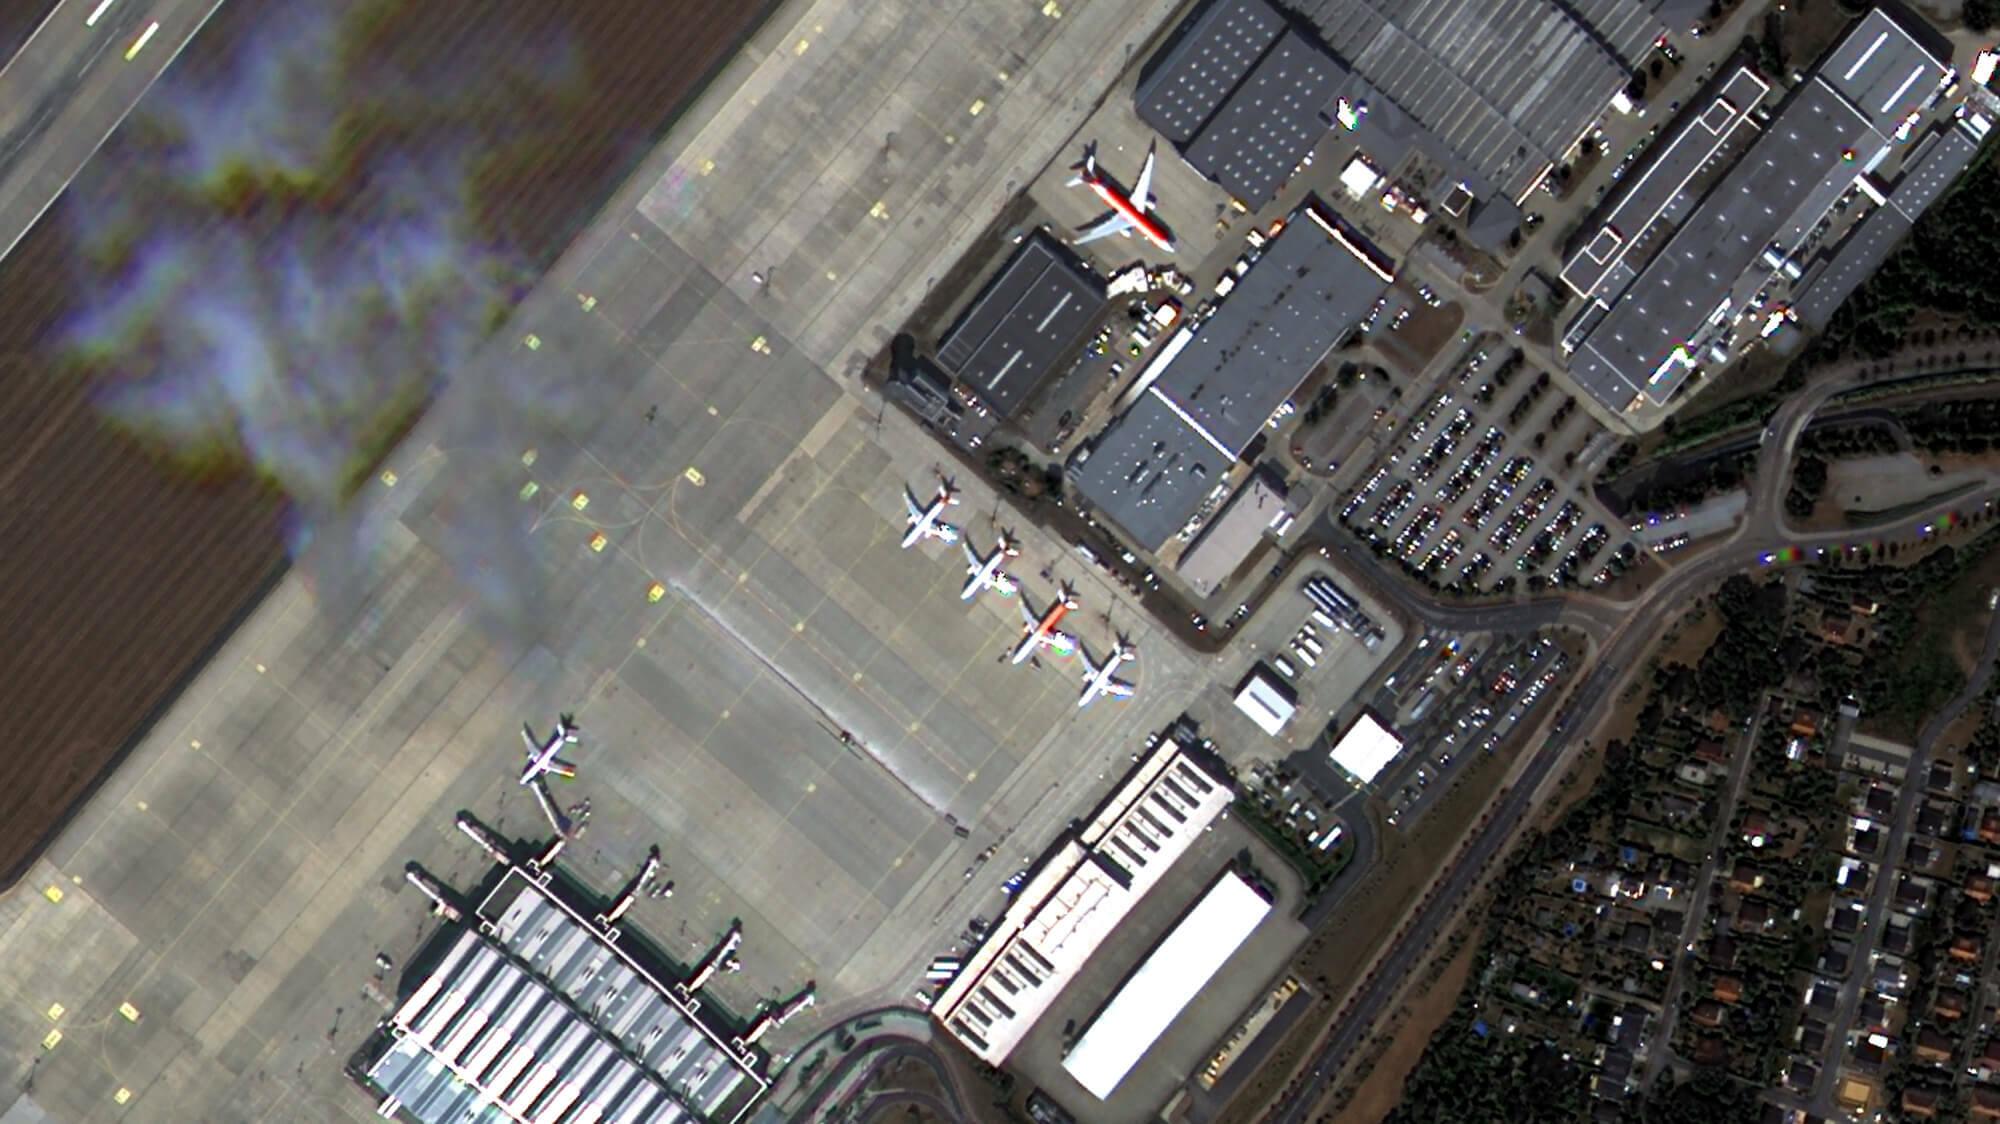 Am Flughafen Dresden parkt Airbus fabrikneue Maschinen.